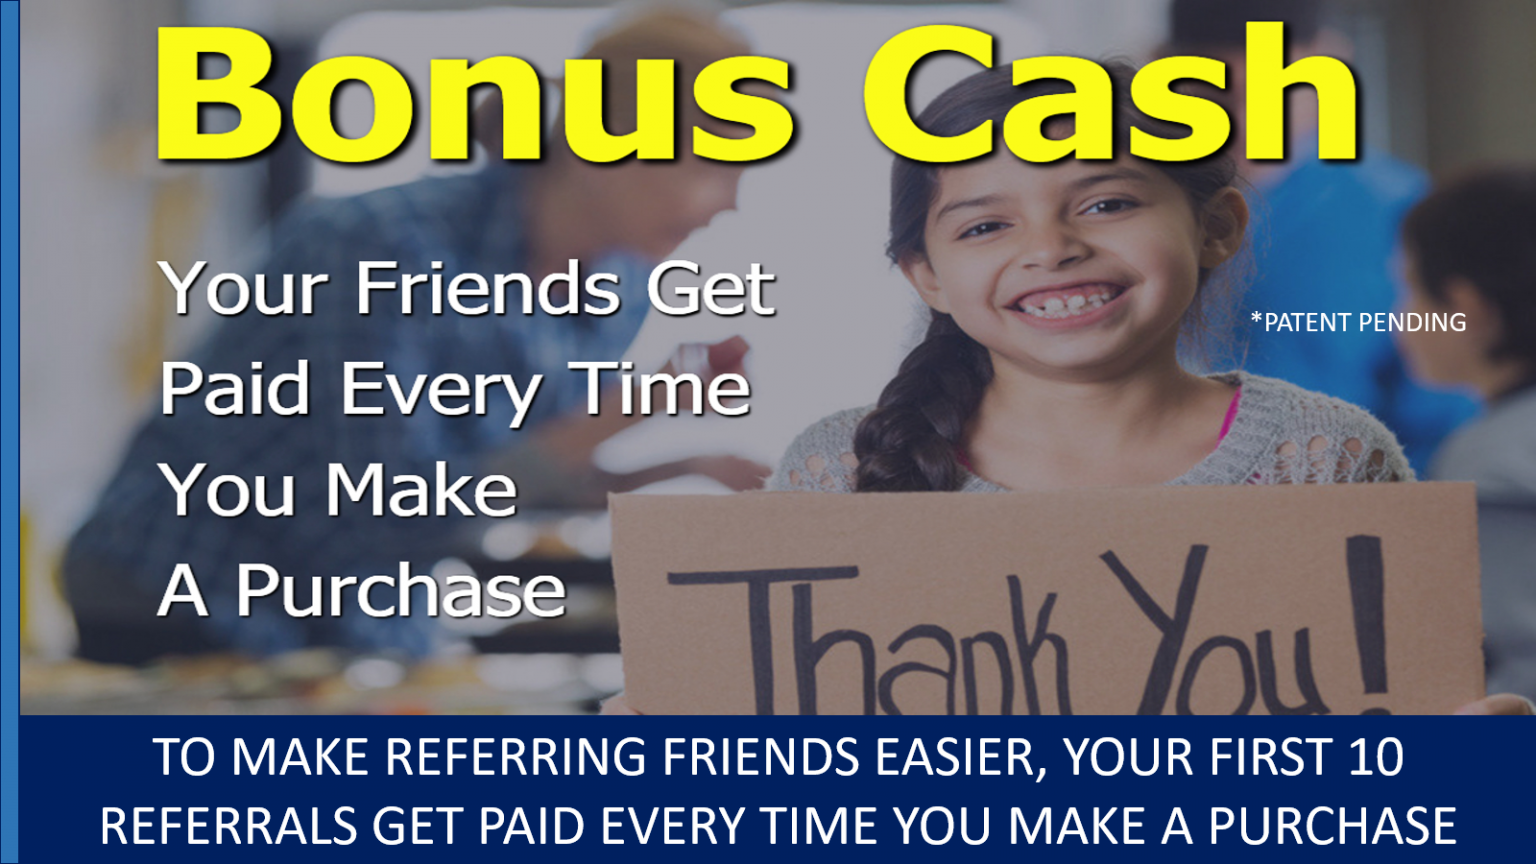 1717 - Giving Bonus Cash - Ten10